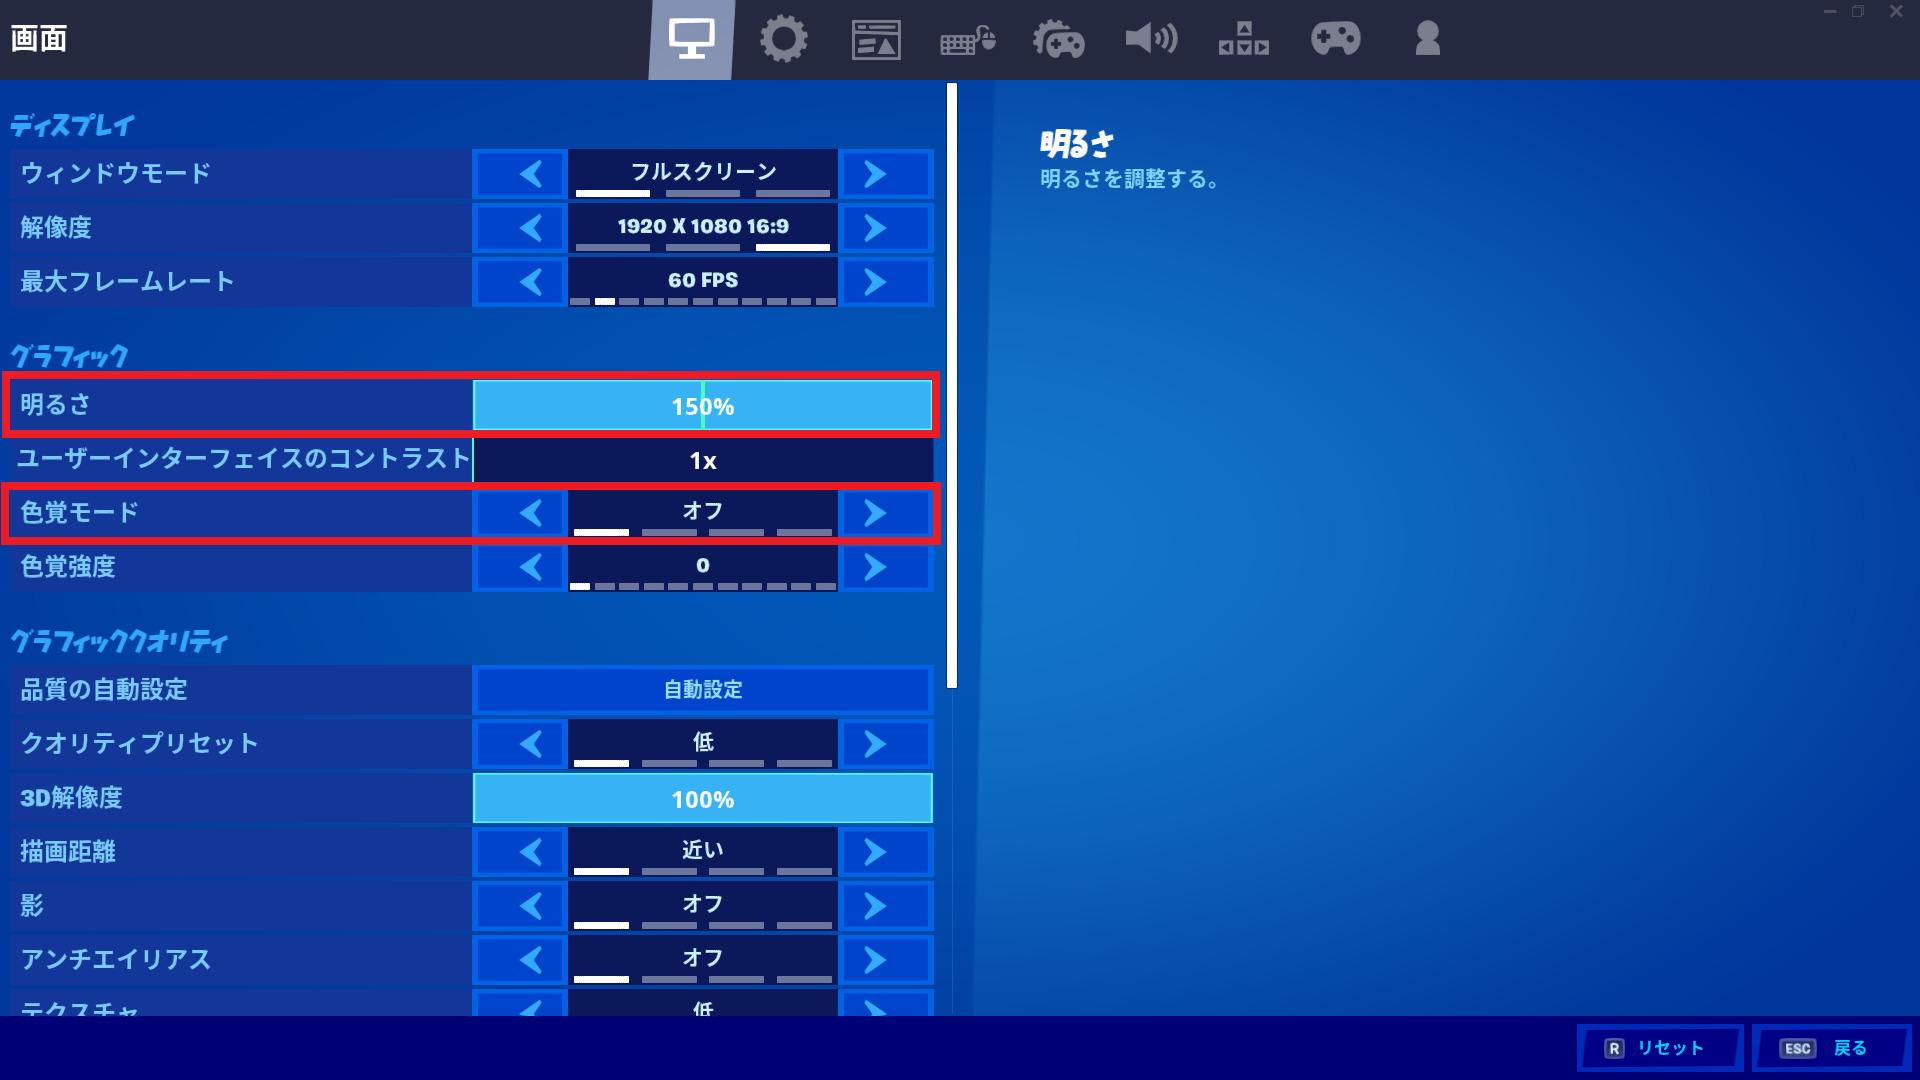 【フォートナイト】Pingを下げる方法とFPSを安定させるゲーム内設定